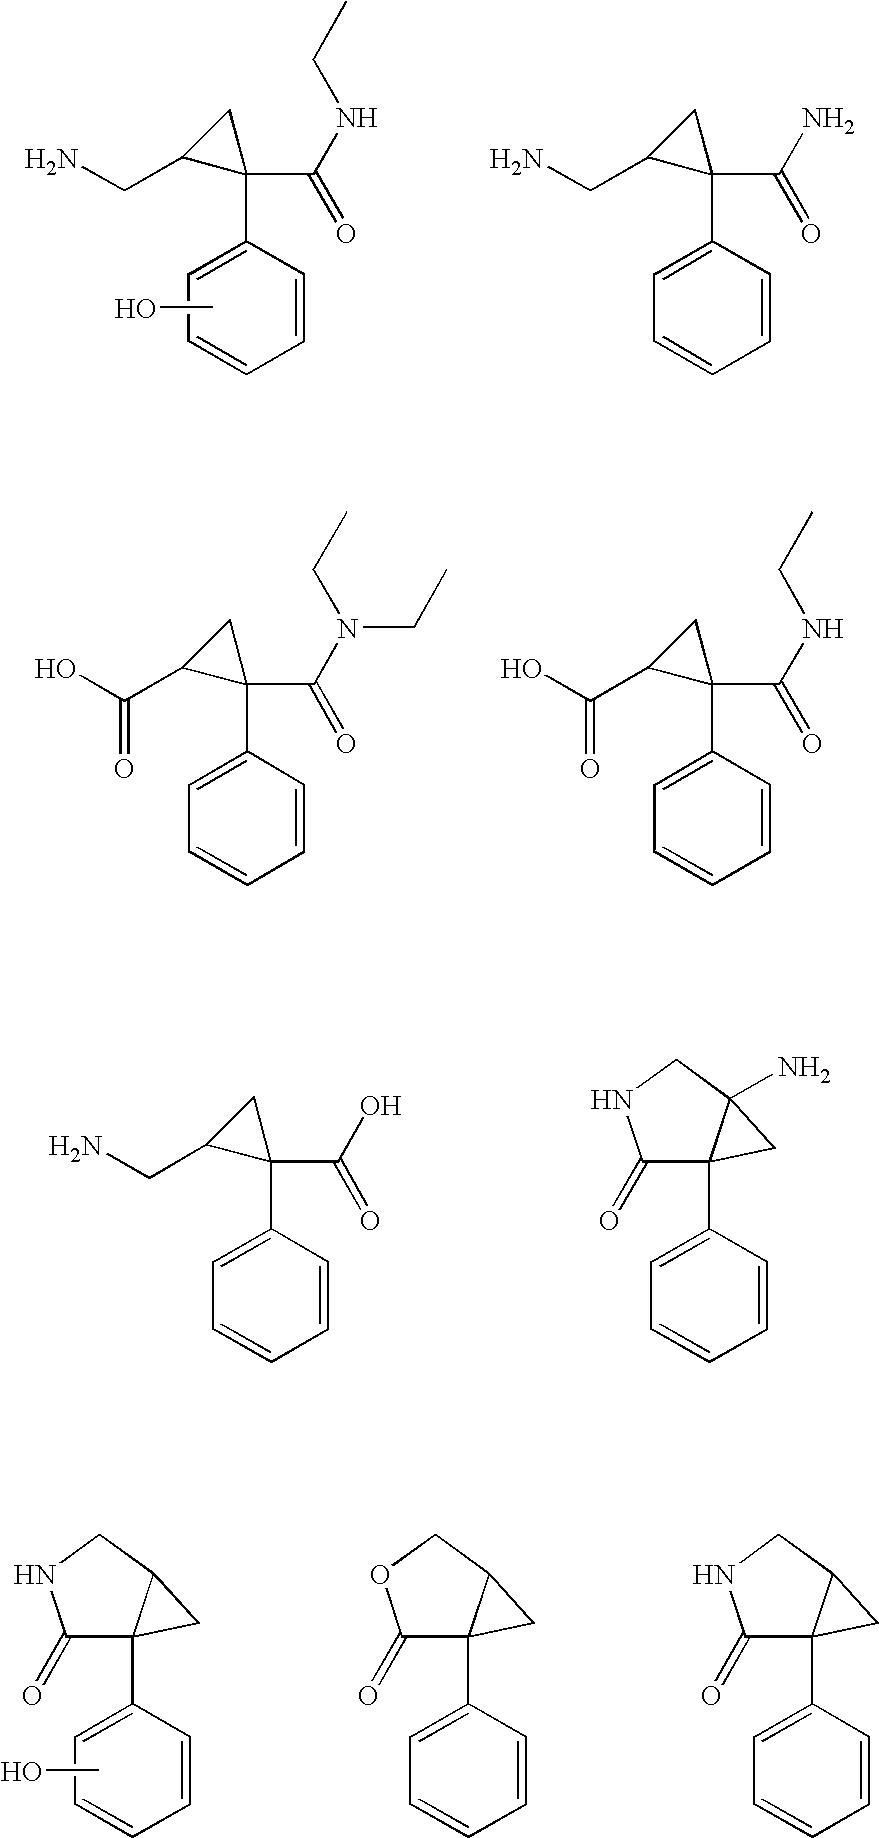 Figure US20050282859A1-20051222-C00005